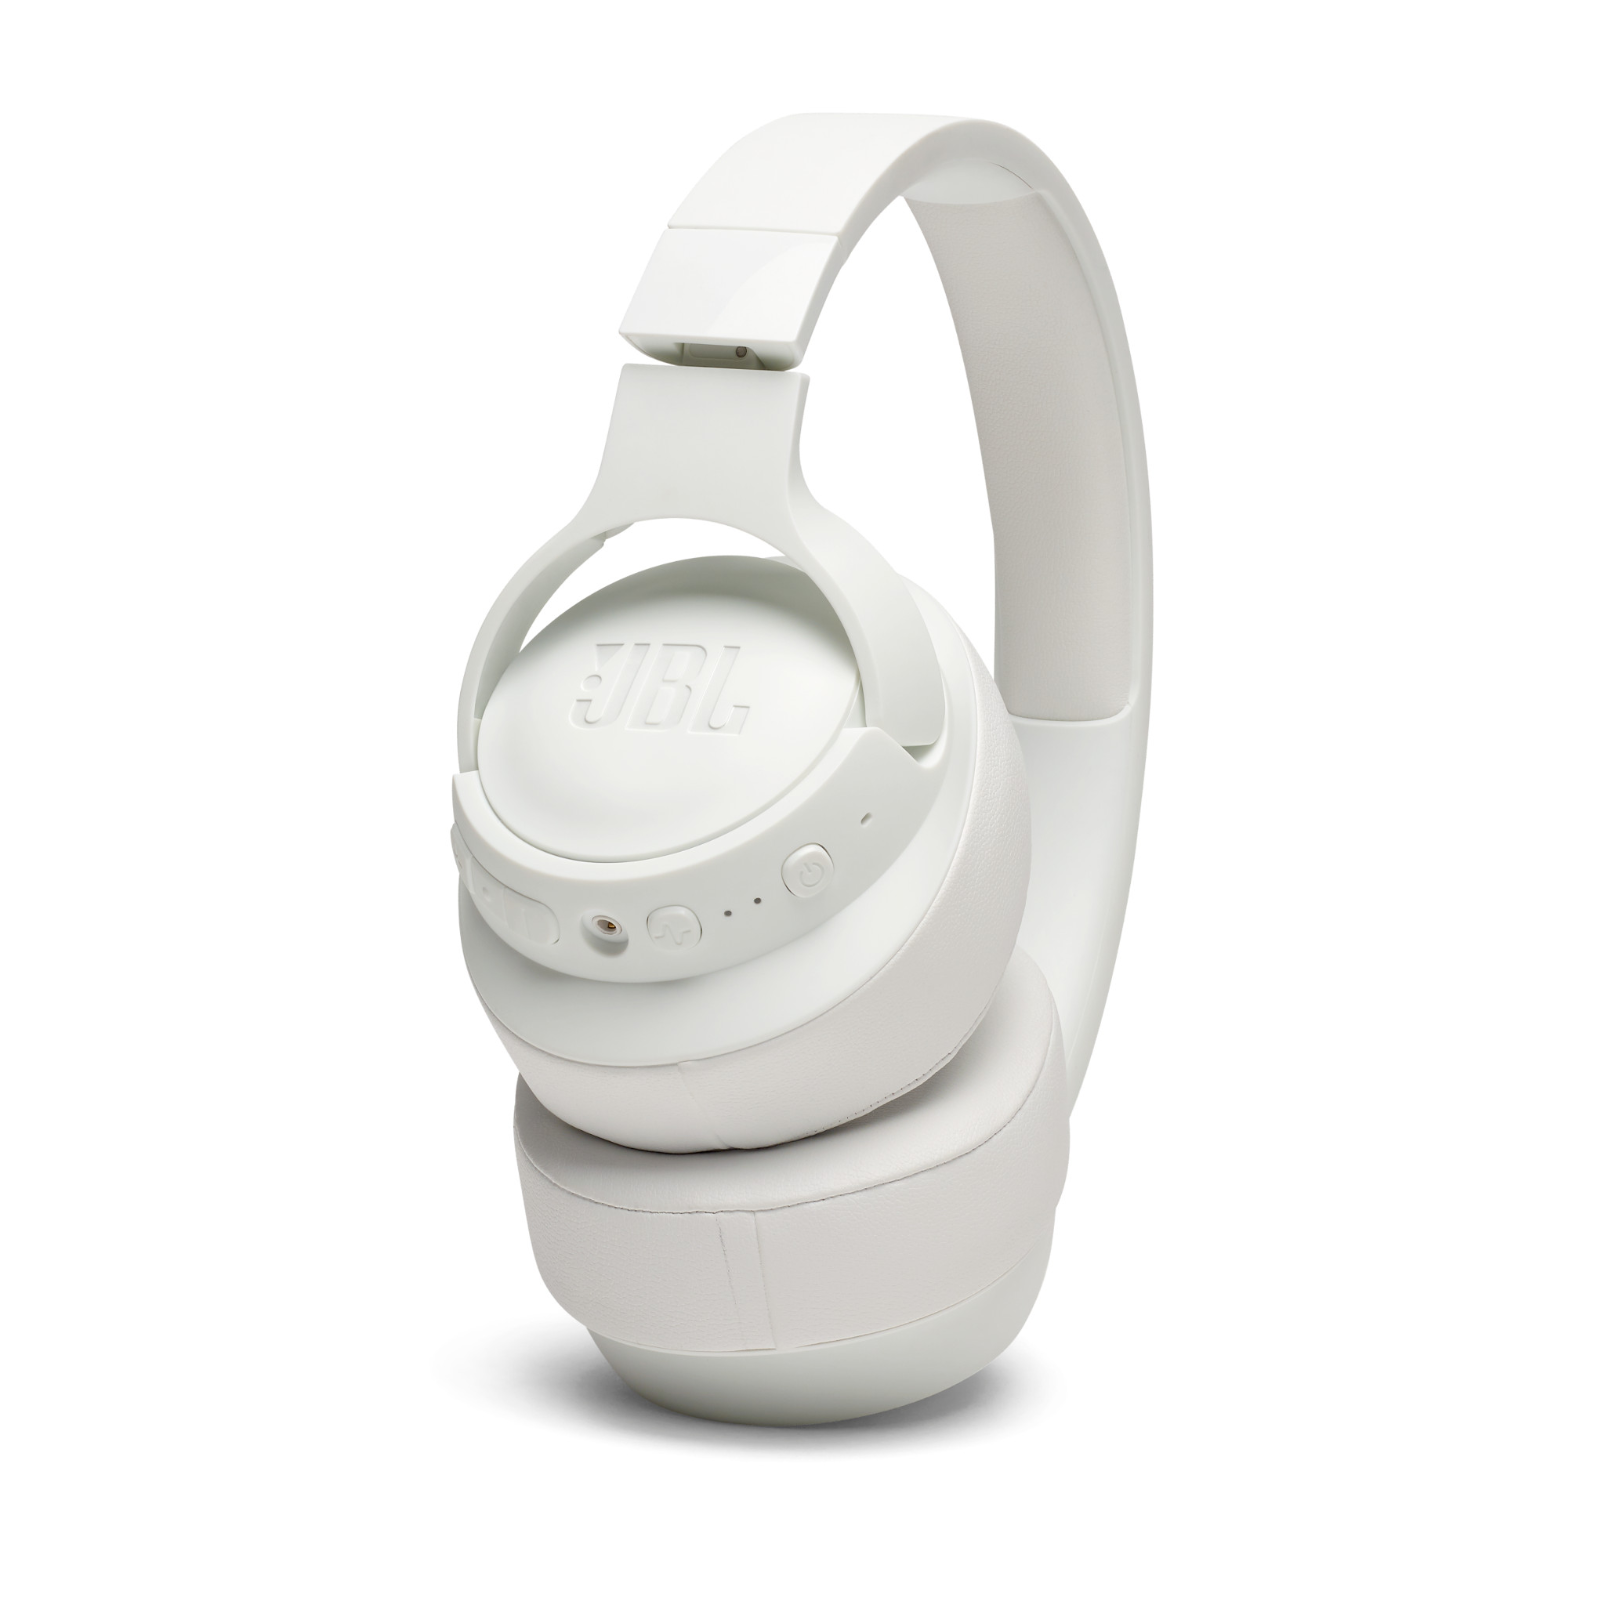 JBL TUNE 750BTNC - White - Wireless Over-Ear ANC Headphones - Detailshot 3